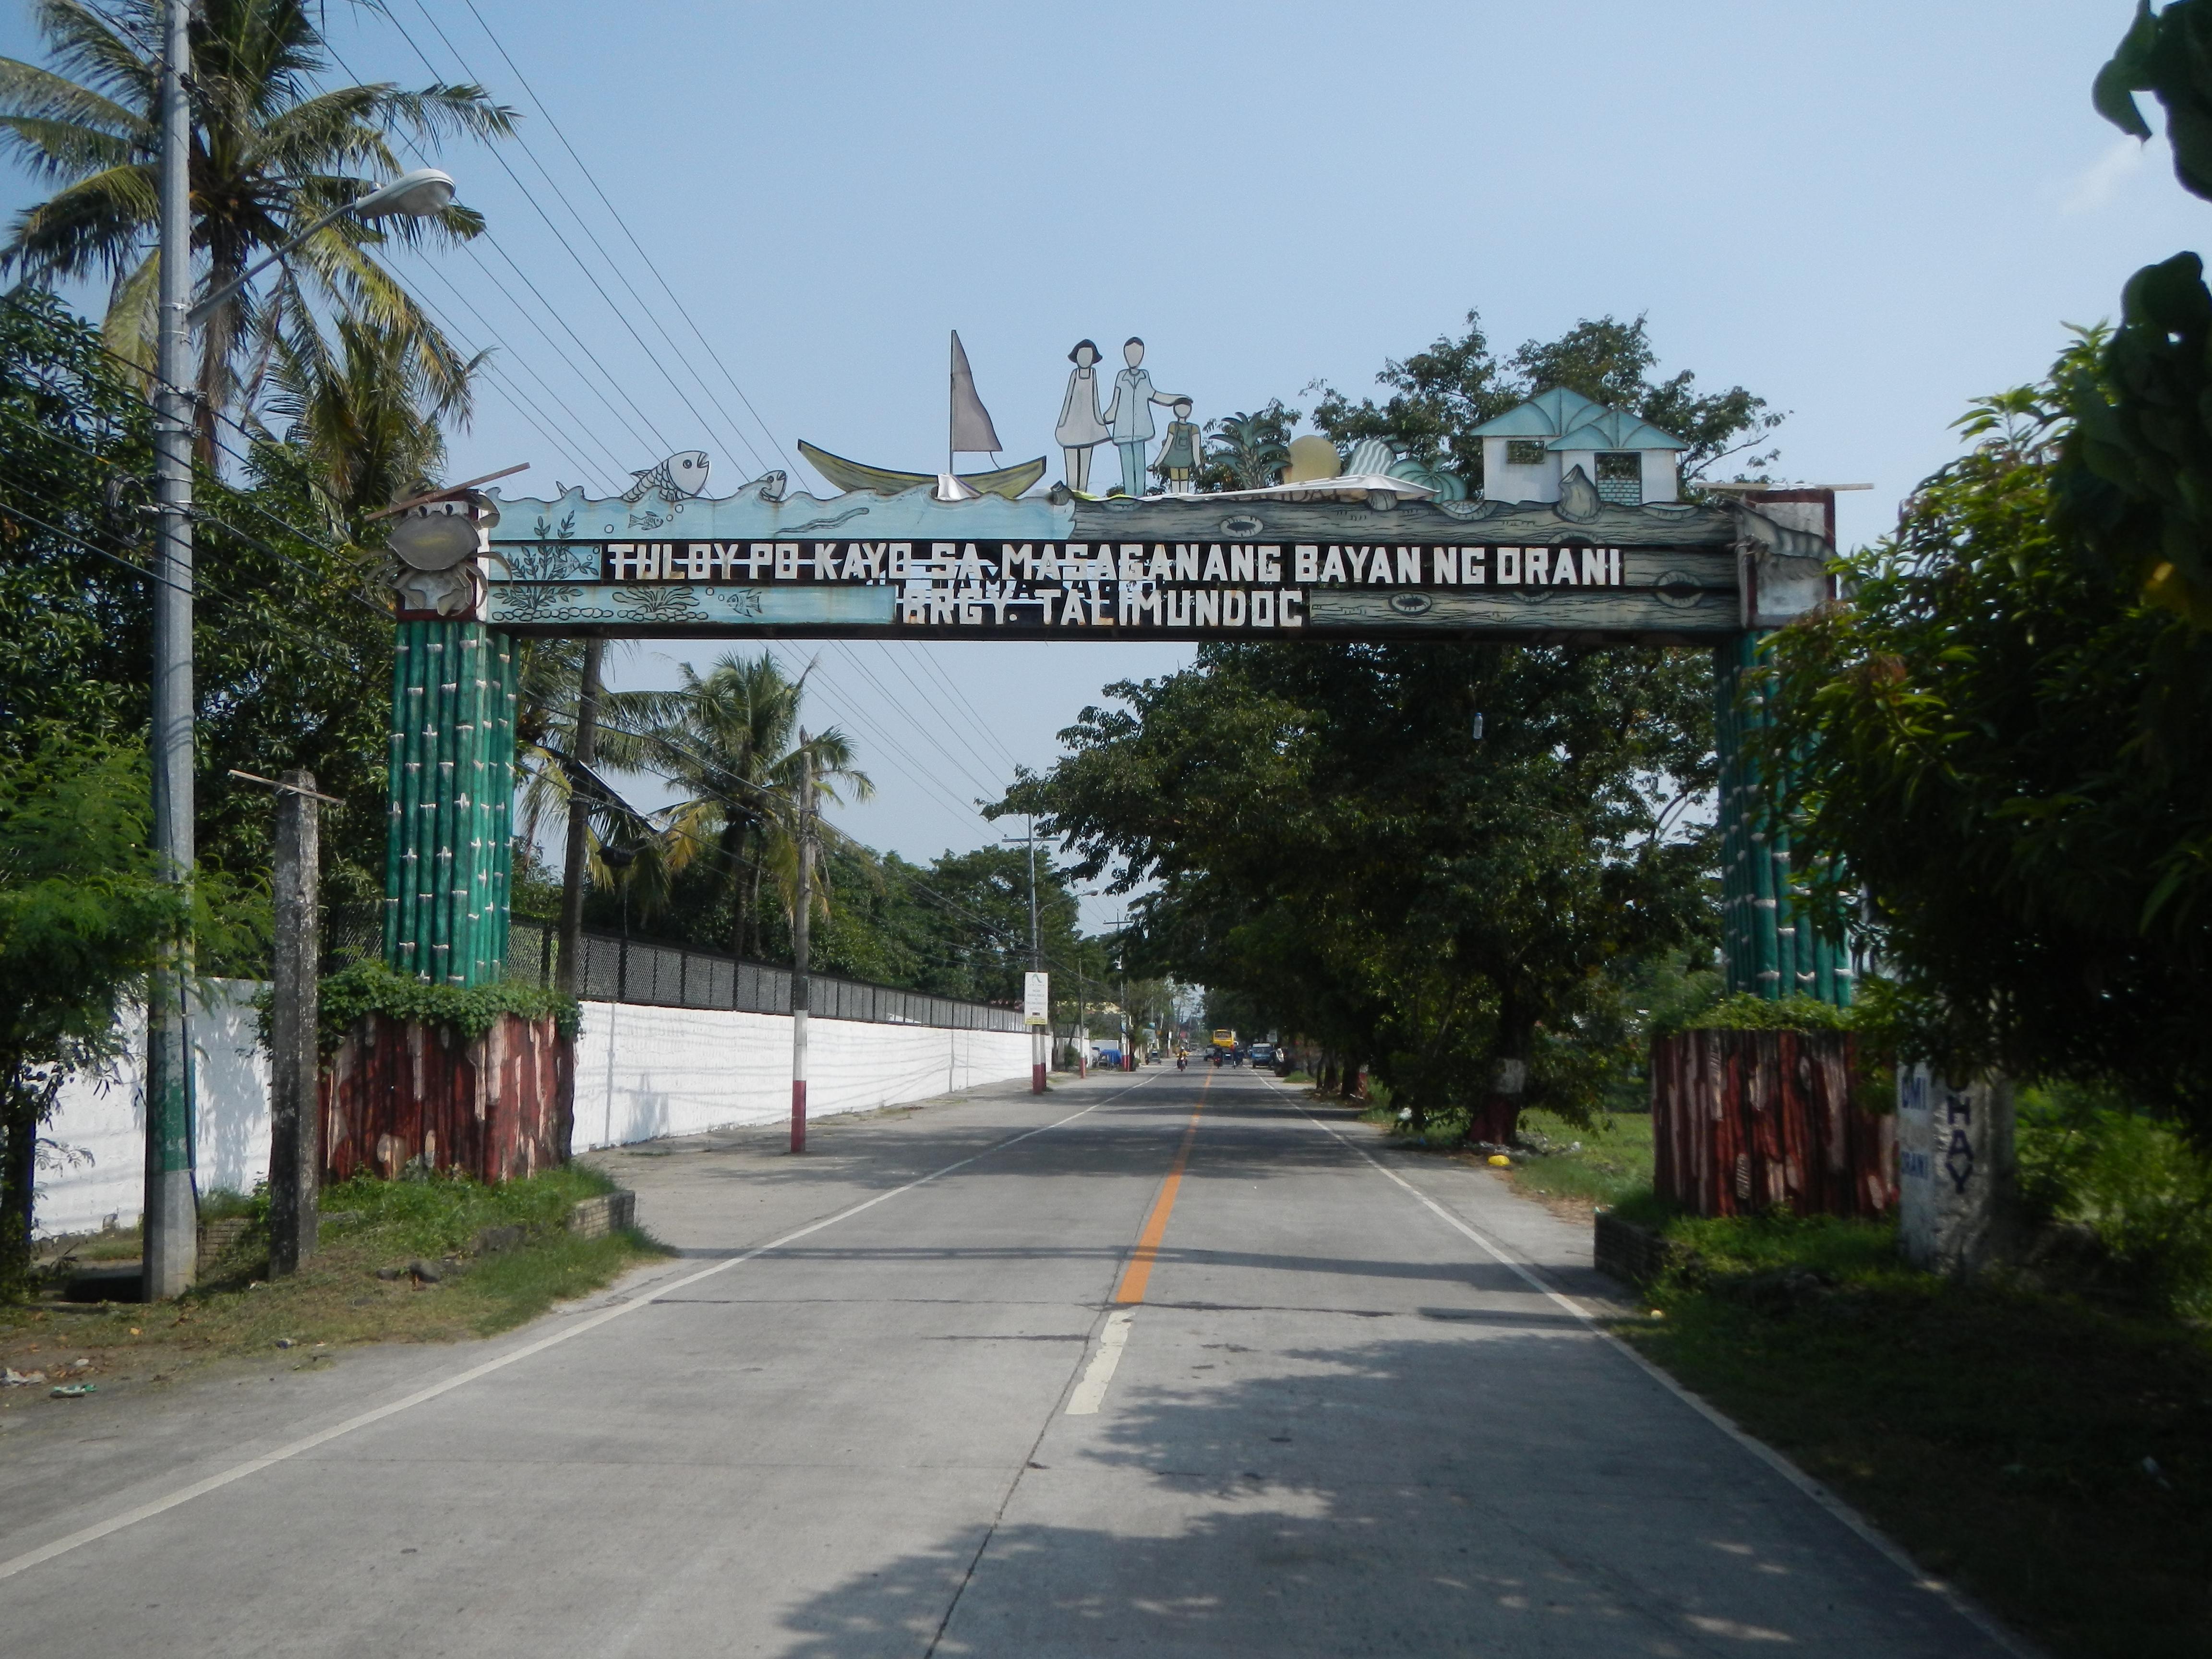 File:09251jfKaparangan Talimundoc Centro Orani Bataanfvf